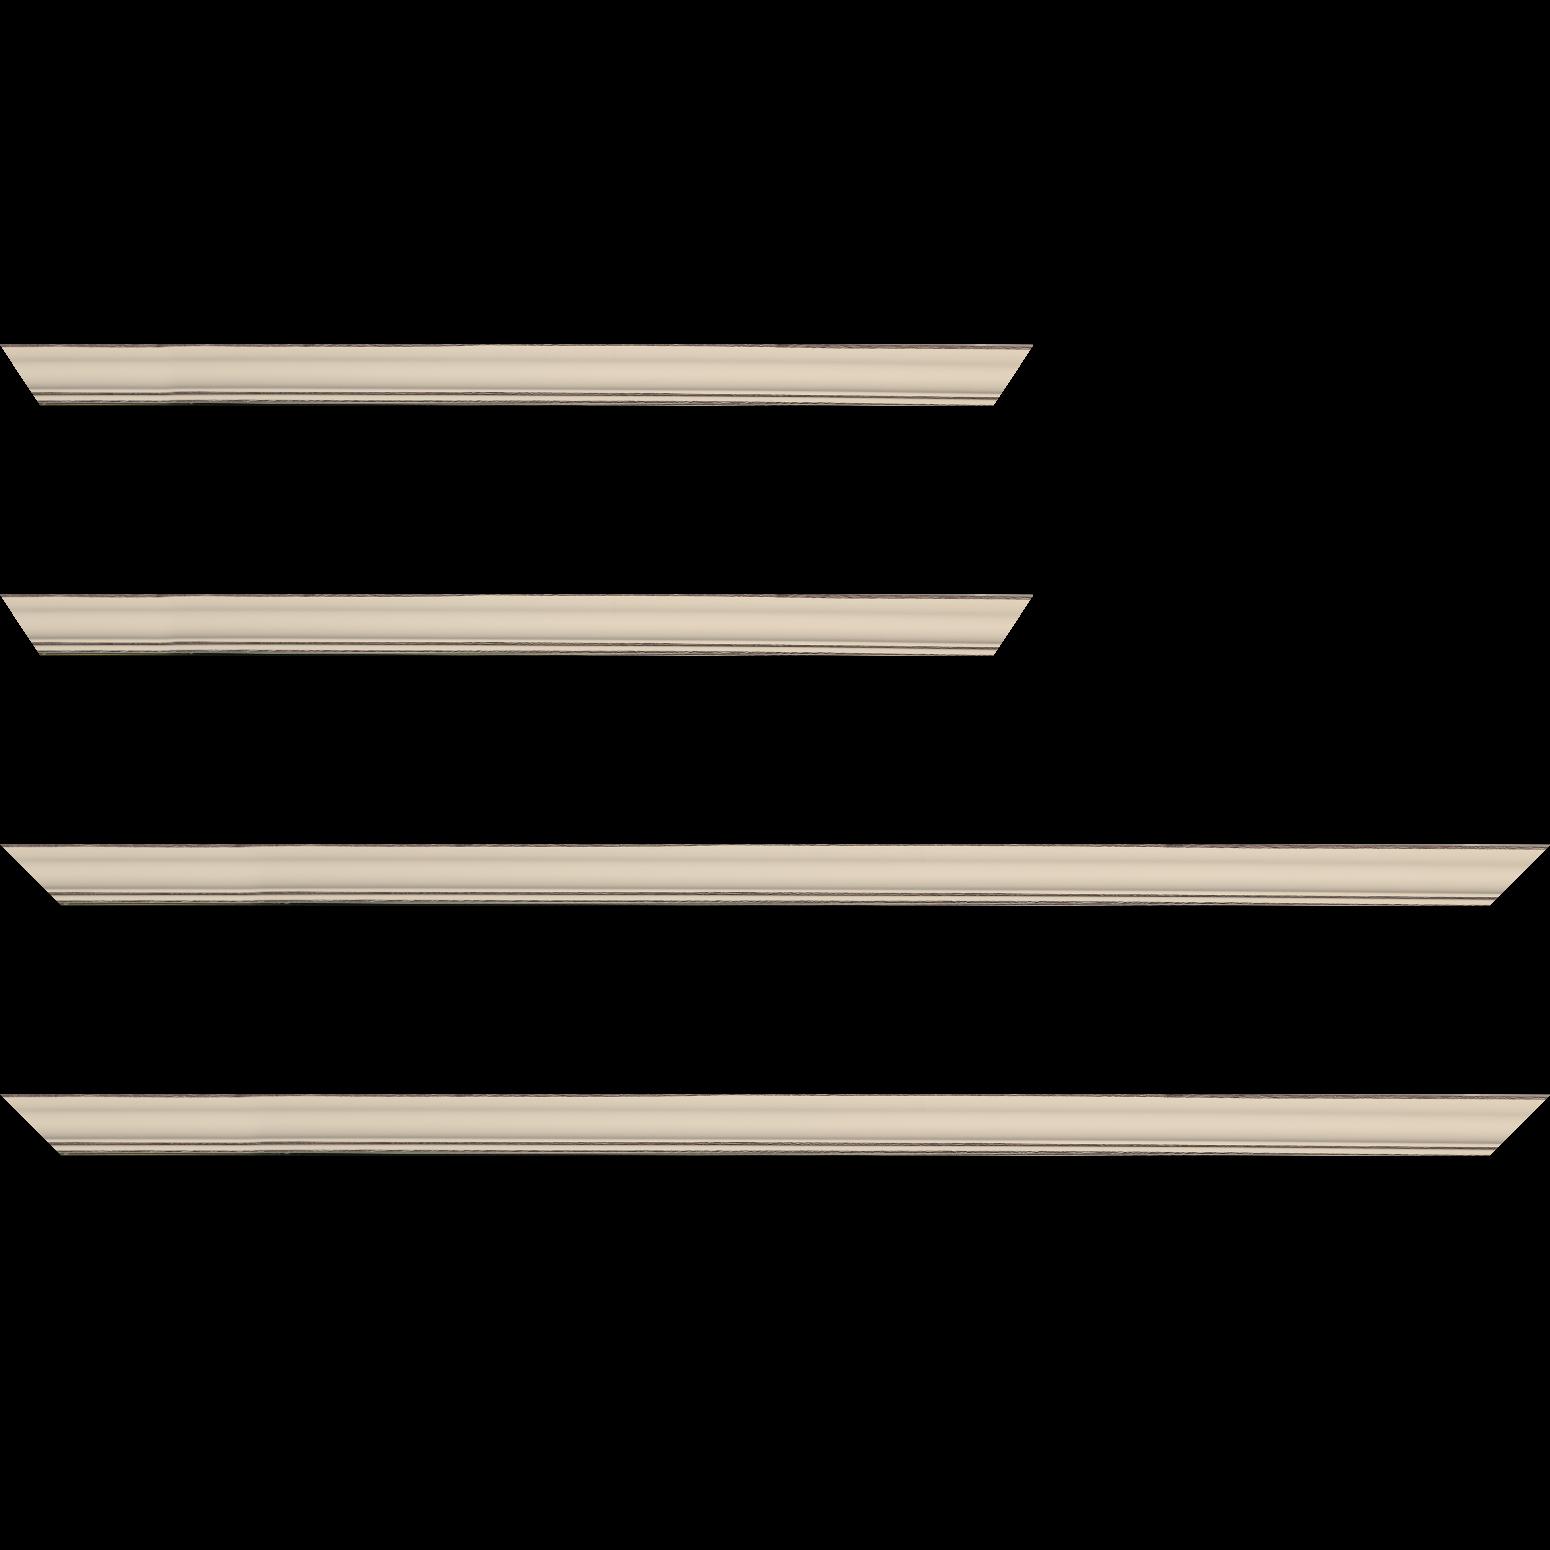 Baguette service précoupé Bois profil doucine inversée largeur 2.3cm crème satiné bord ressuyé